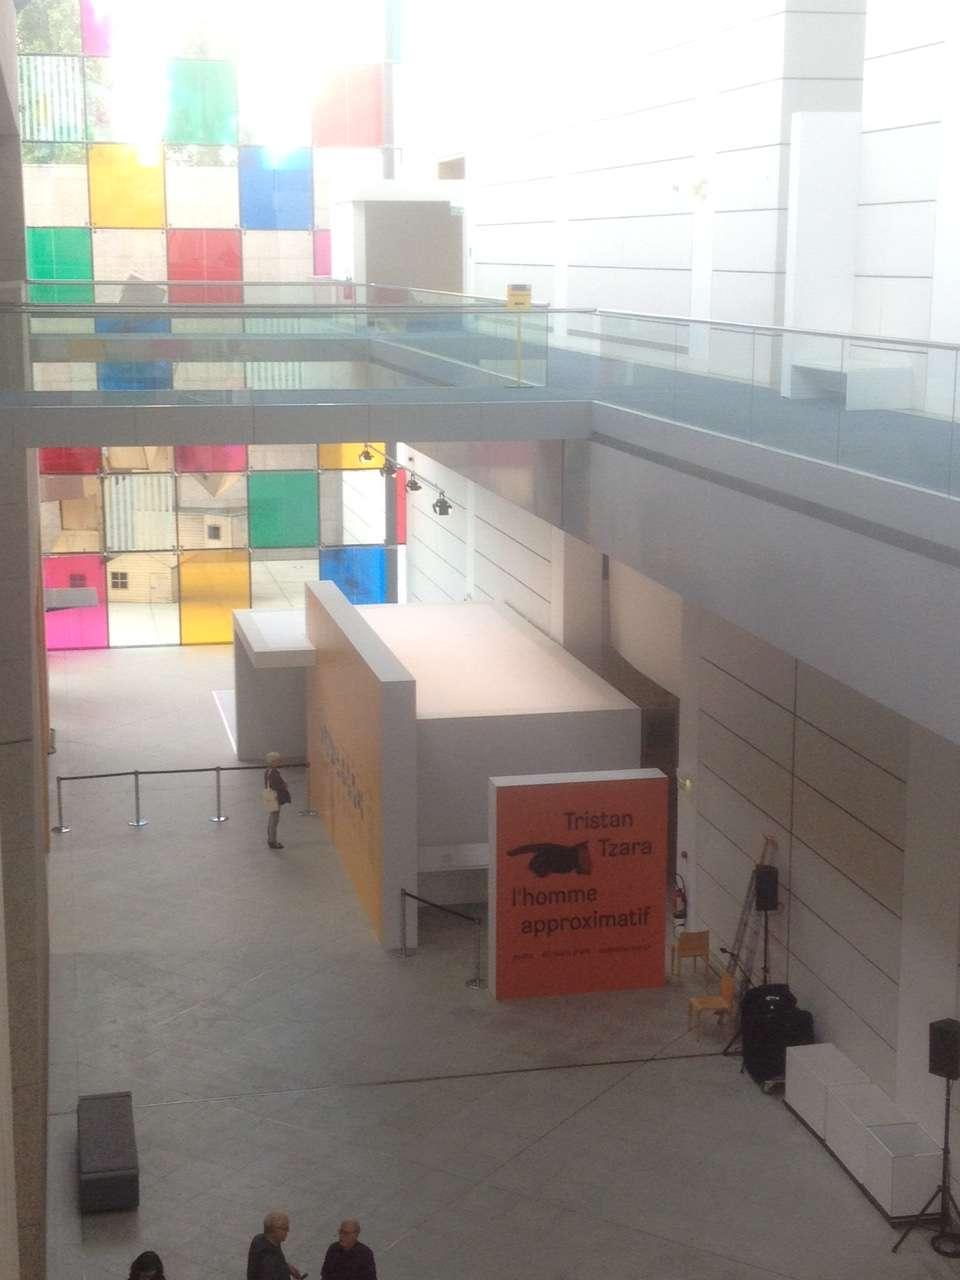 Intrarea în sàlile expozitiei consacrate lui Tristan Tzara vàzutà de la etajul MAMCS